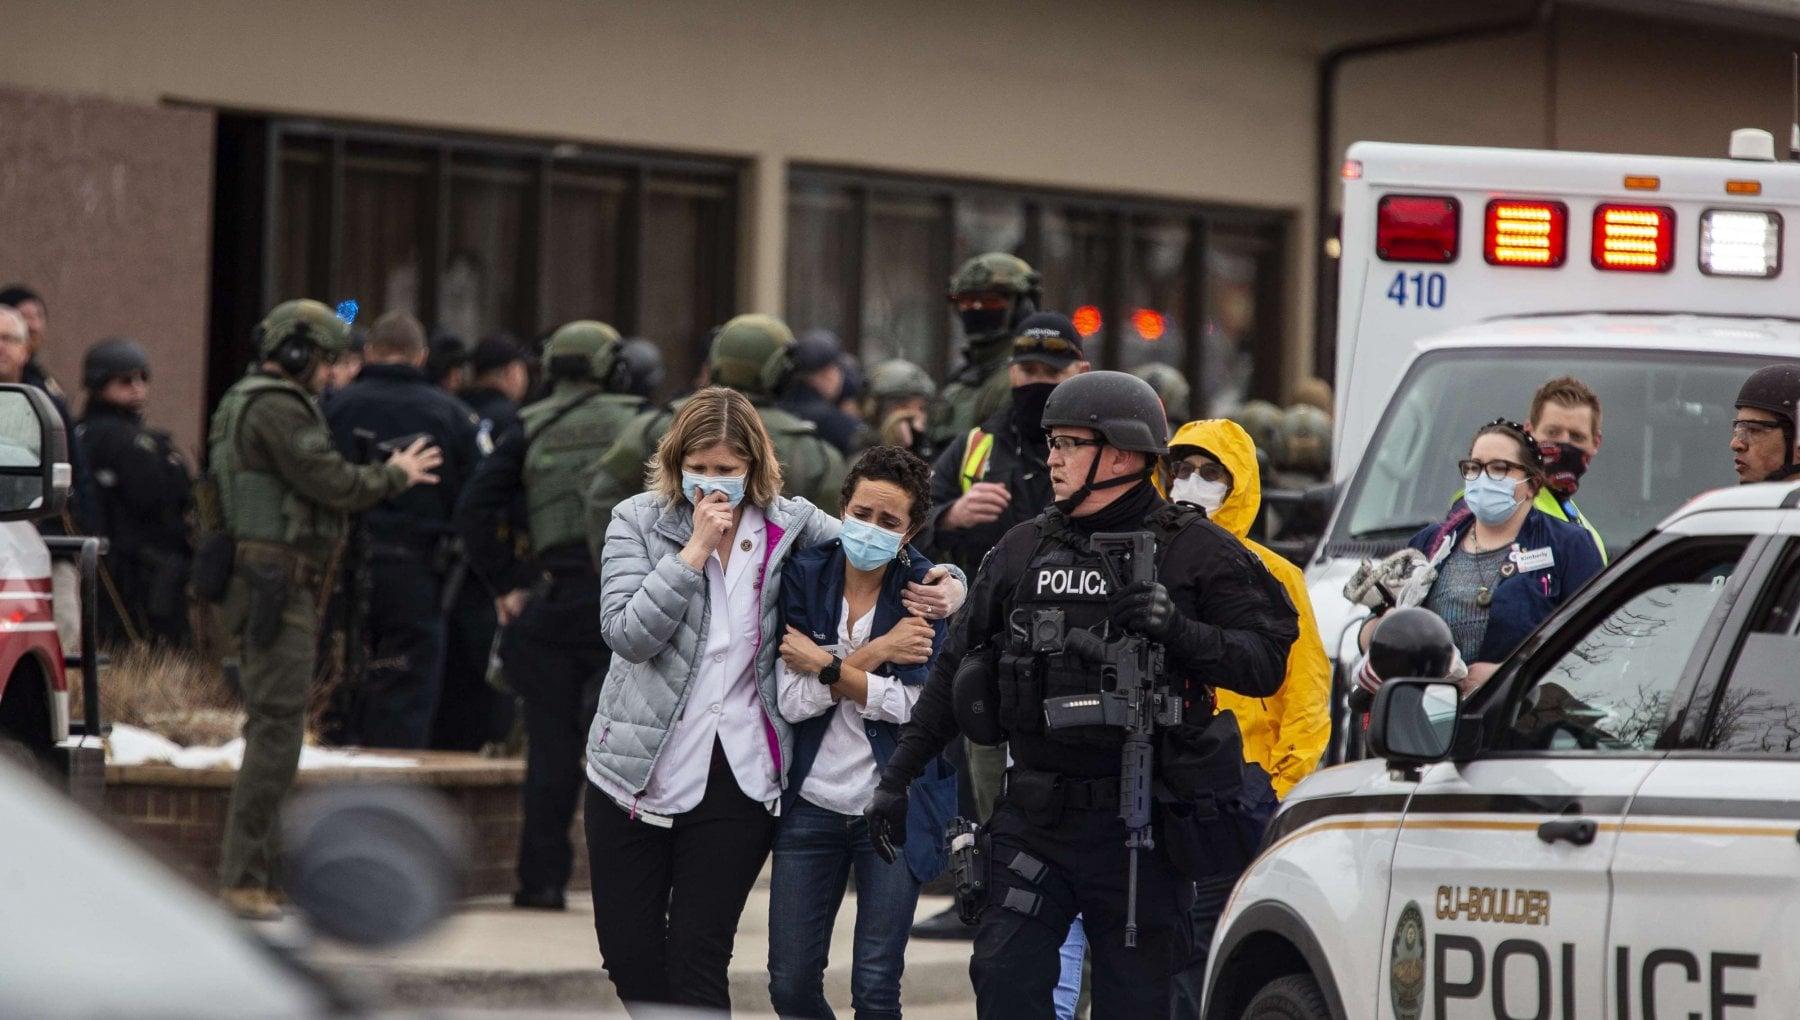 005901107 5a4ba2c0 a90b 461a 8cd5 dfd8a98a2afe - Usa, strage in un supermercato del Colorado: uomo armato uccide dieci persone e viene fermato